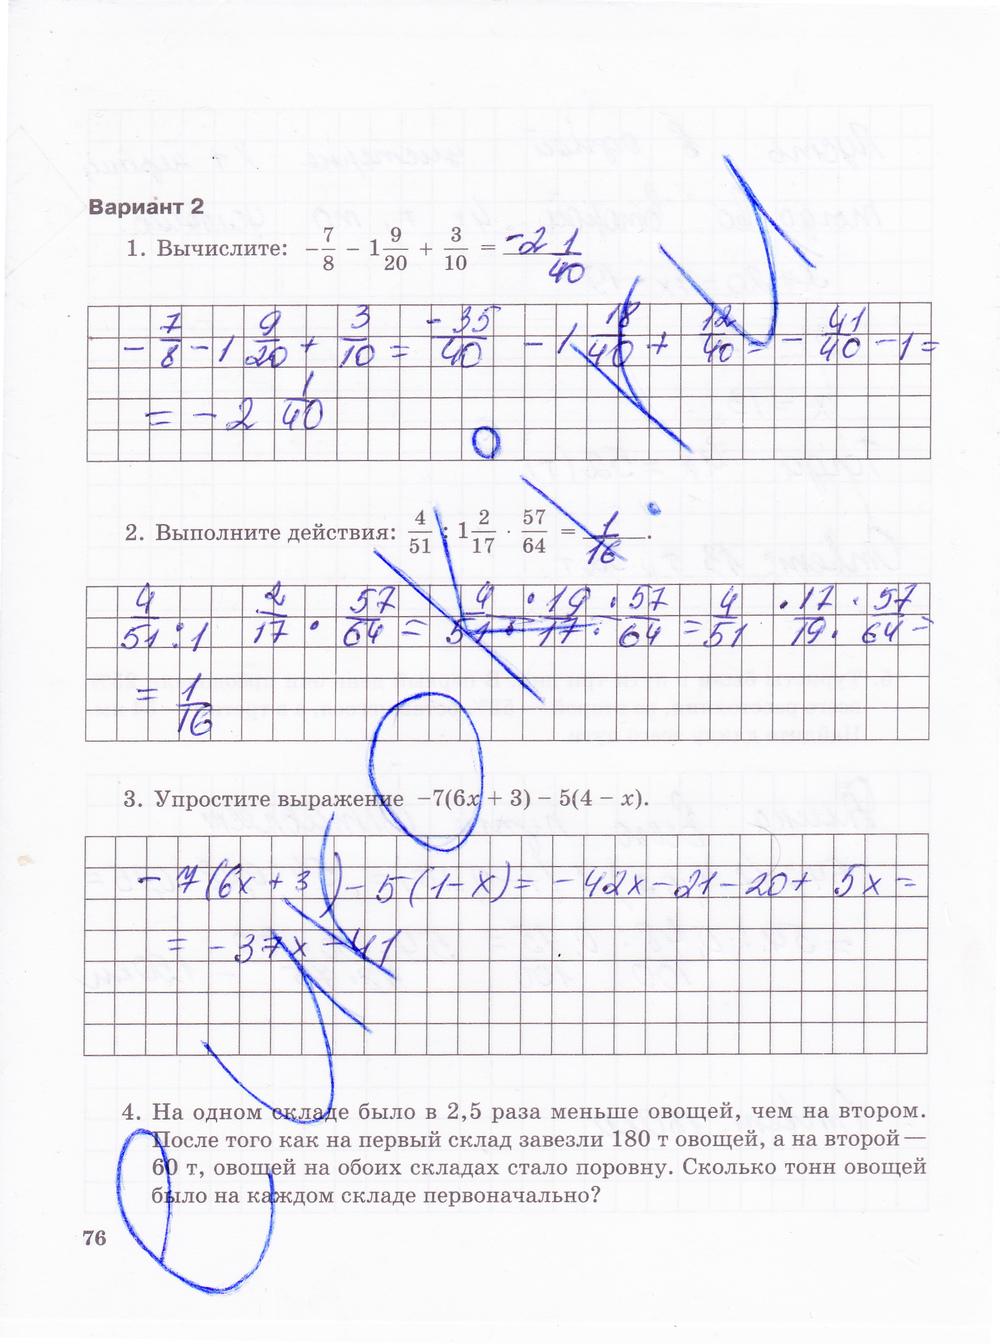 ГДЗ по математике 6 класс тетрадь для контрольных работ Зубарева, Лепешонкова Мнемозина Часть 1, 2 ответы и решения онлайн. Задание: стр. 76